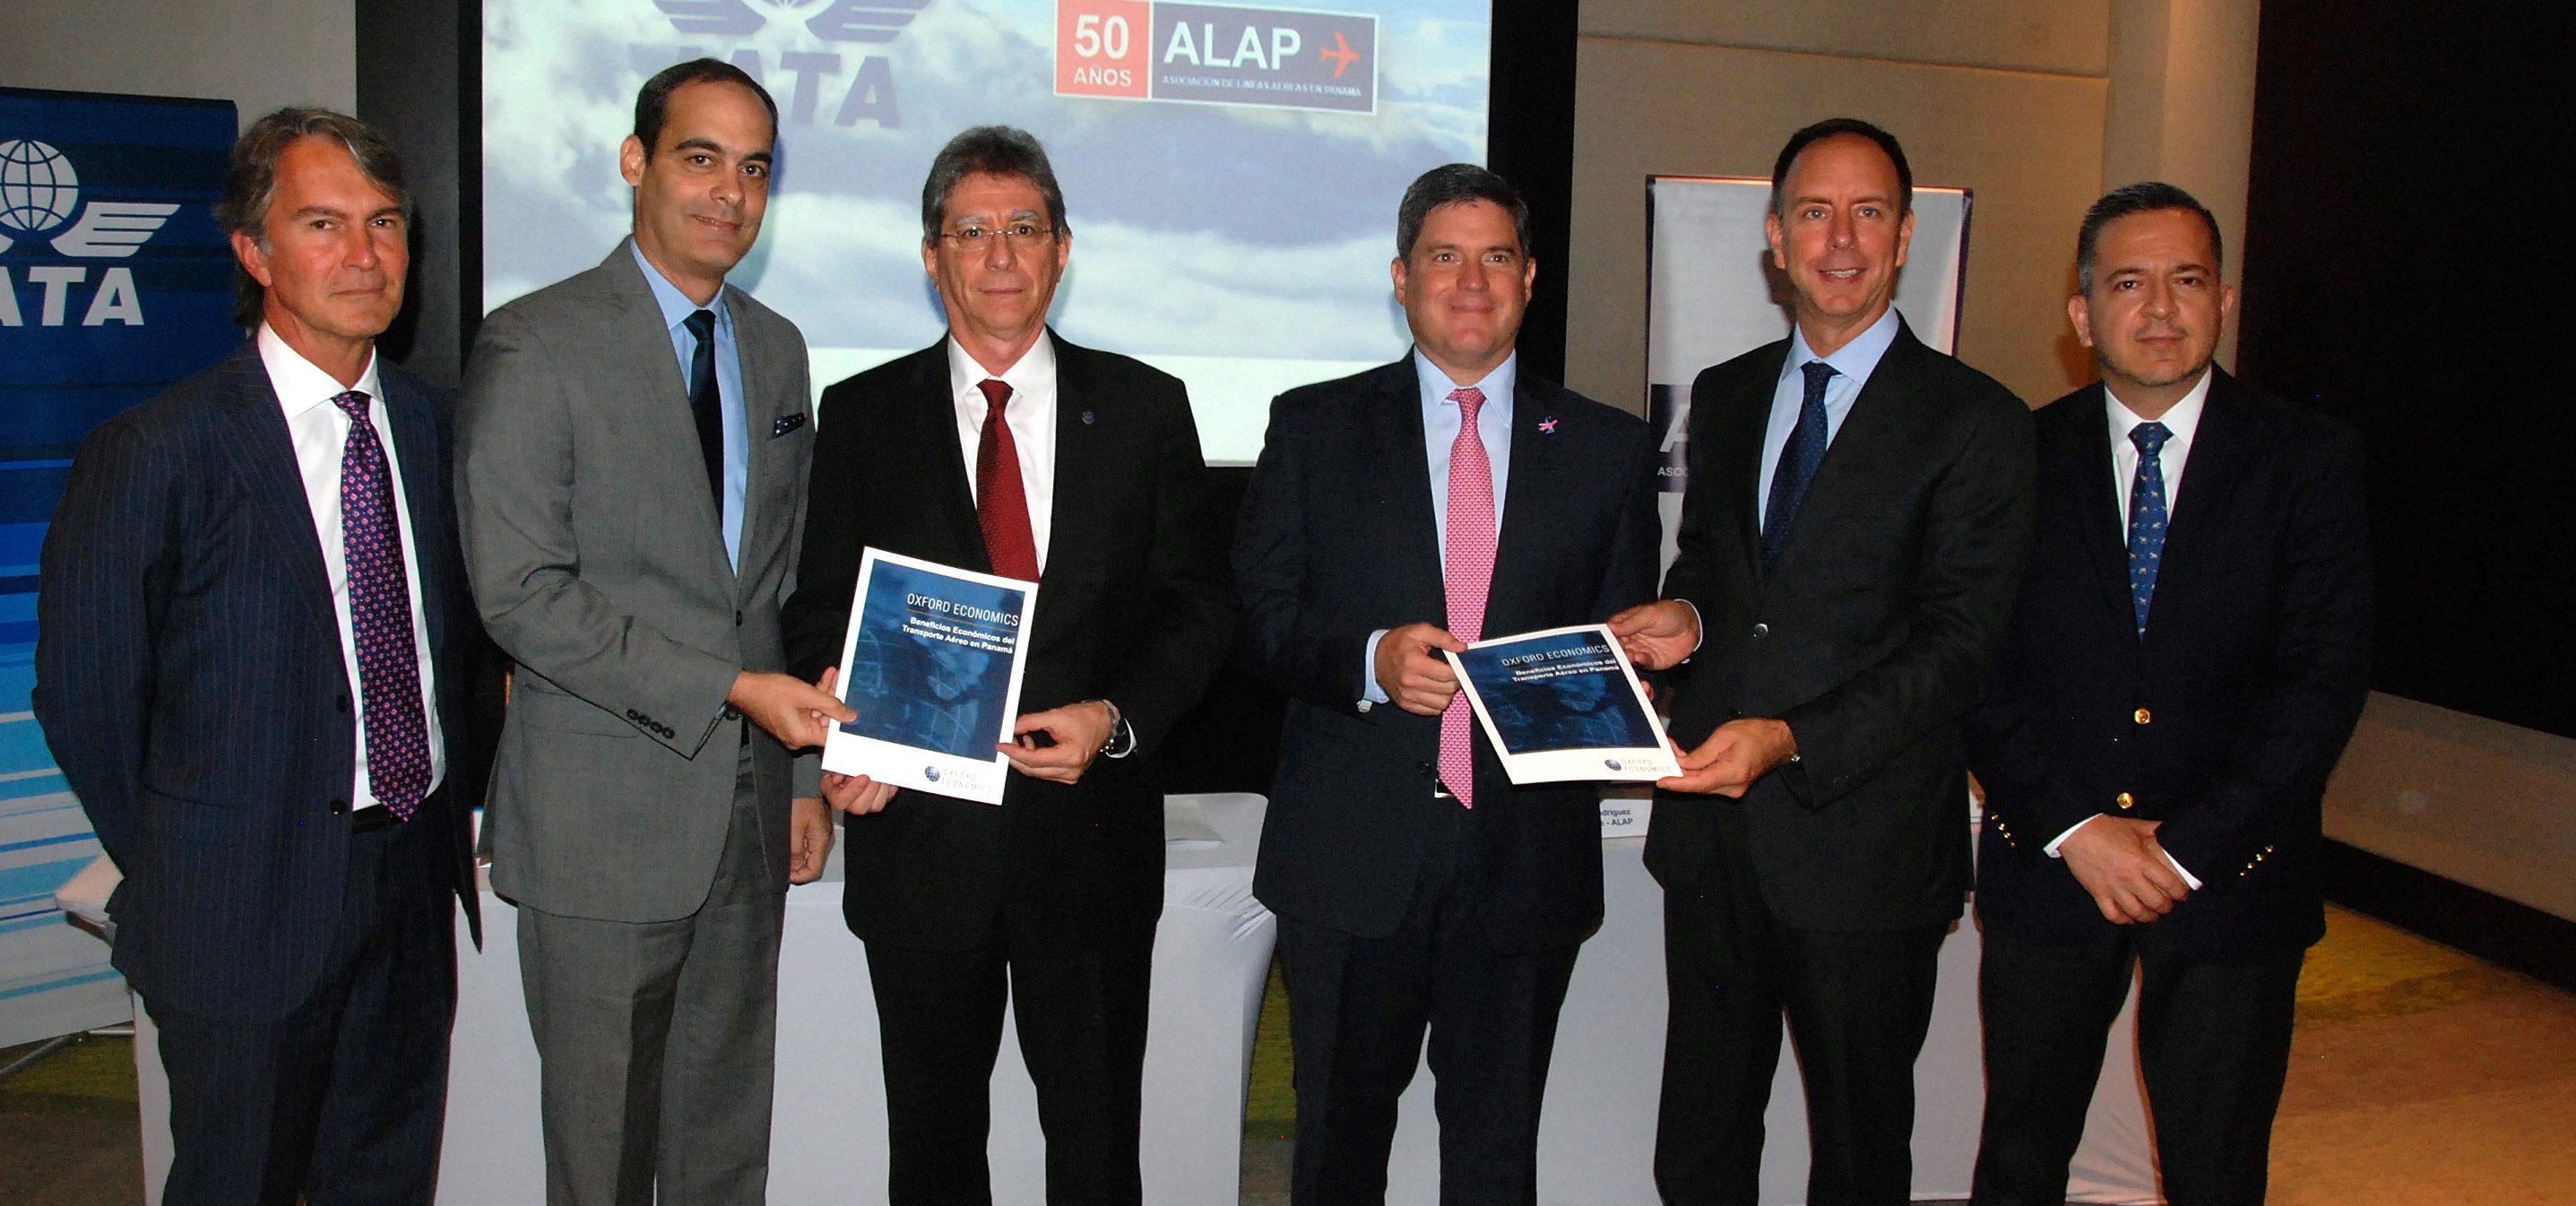 IATA presenta estudio de los beneficios de la aviación en Panamá